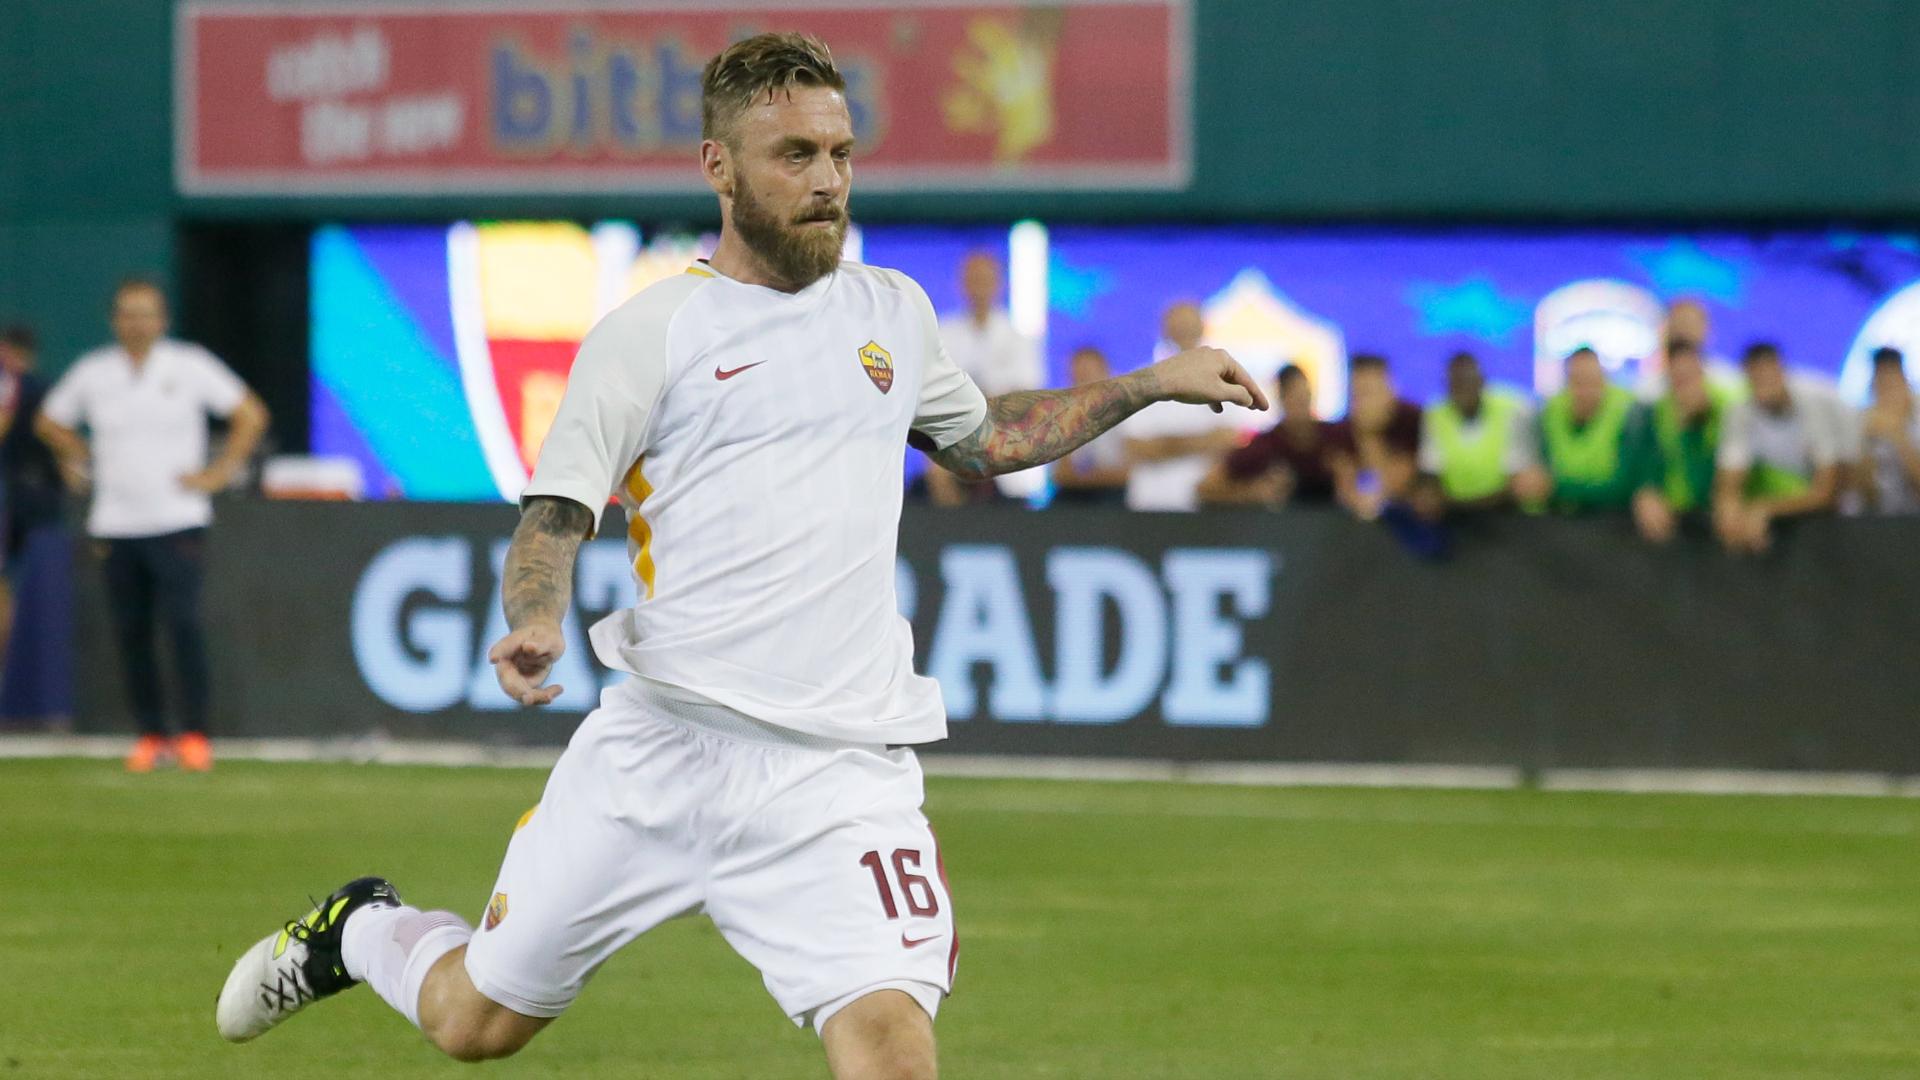 LIVE Roma-Juventus, risultato in tempo reale amichevole ICC 2017: segui la diretta